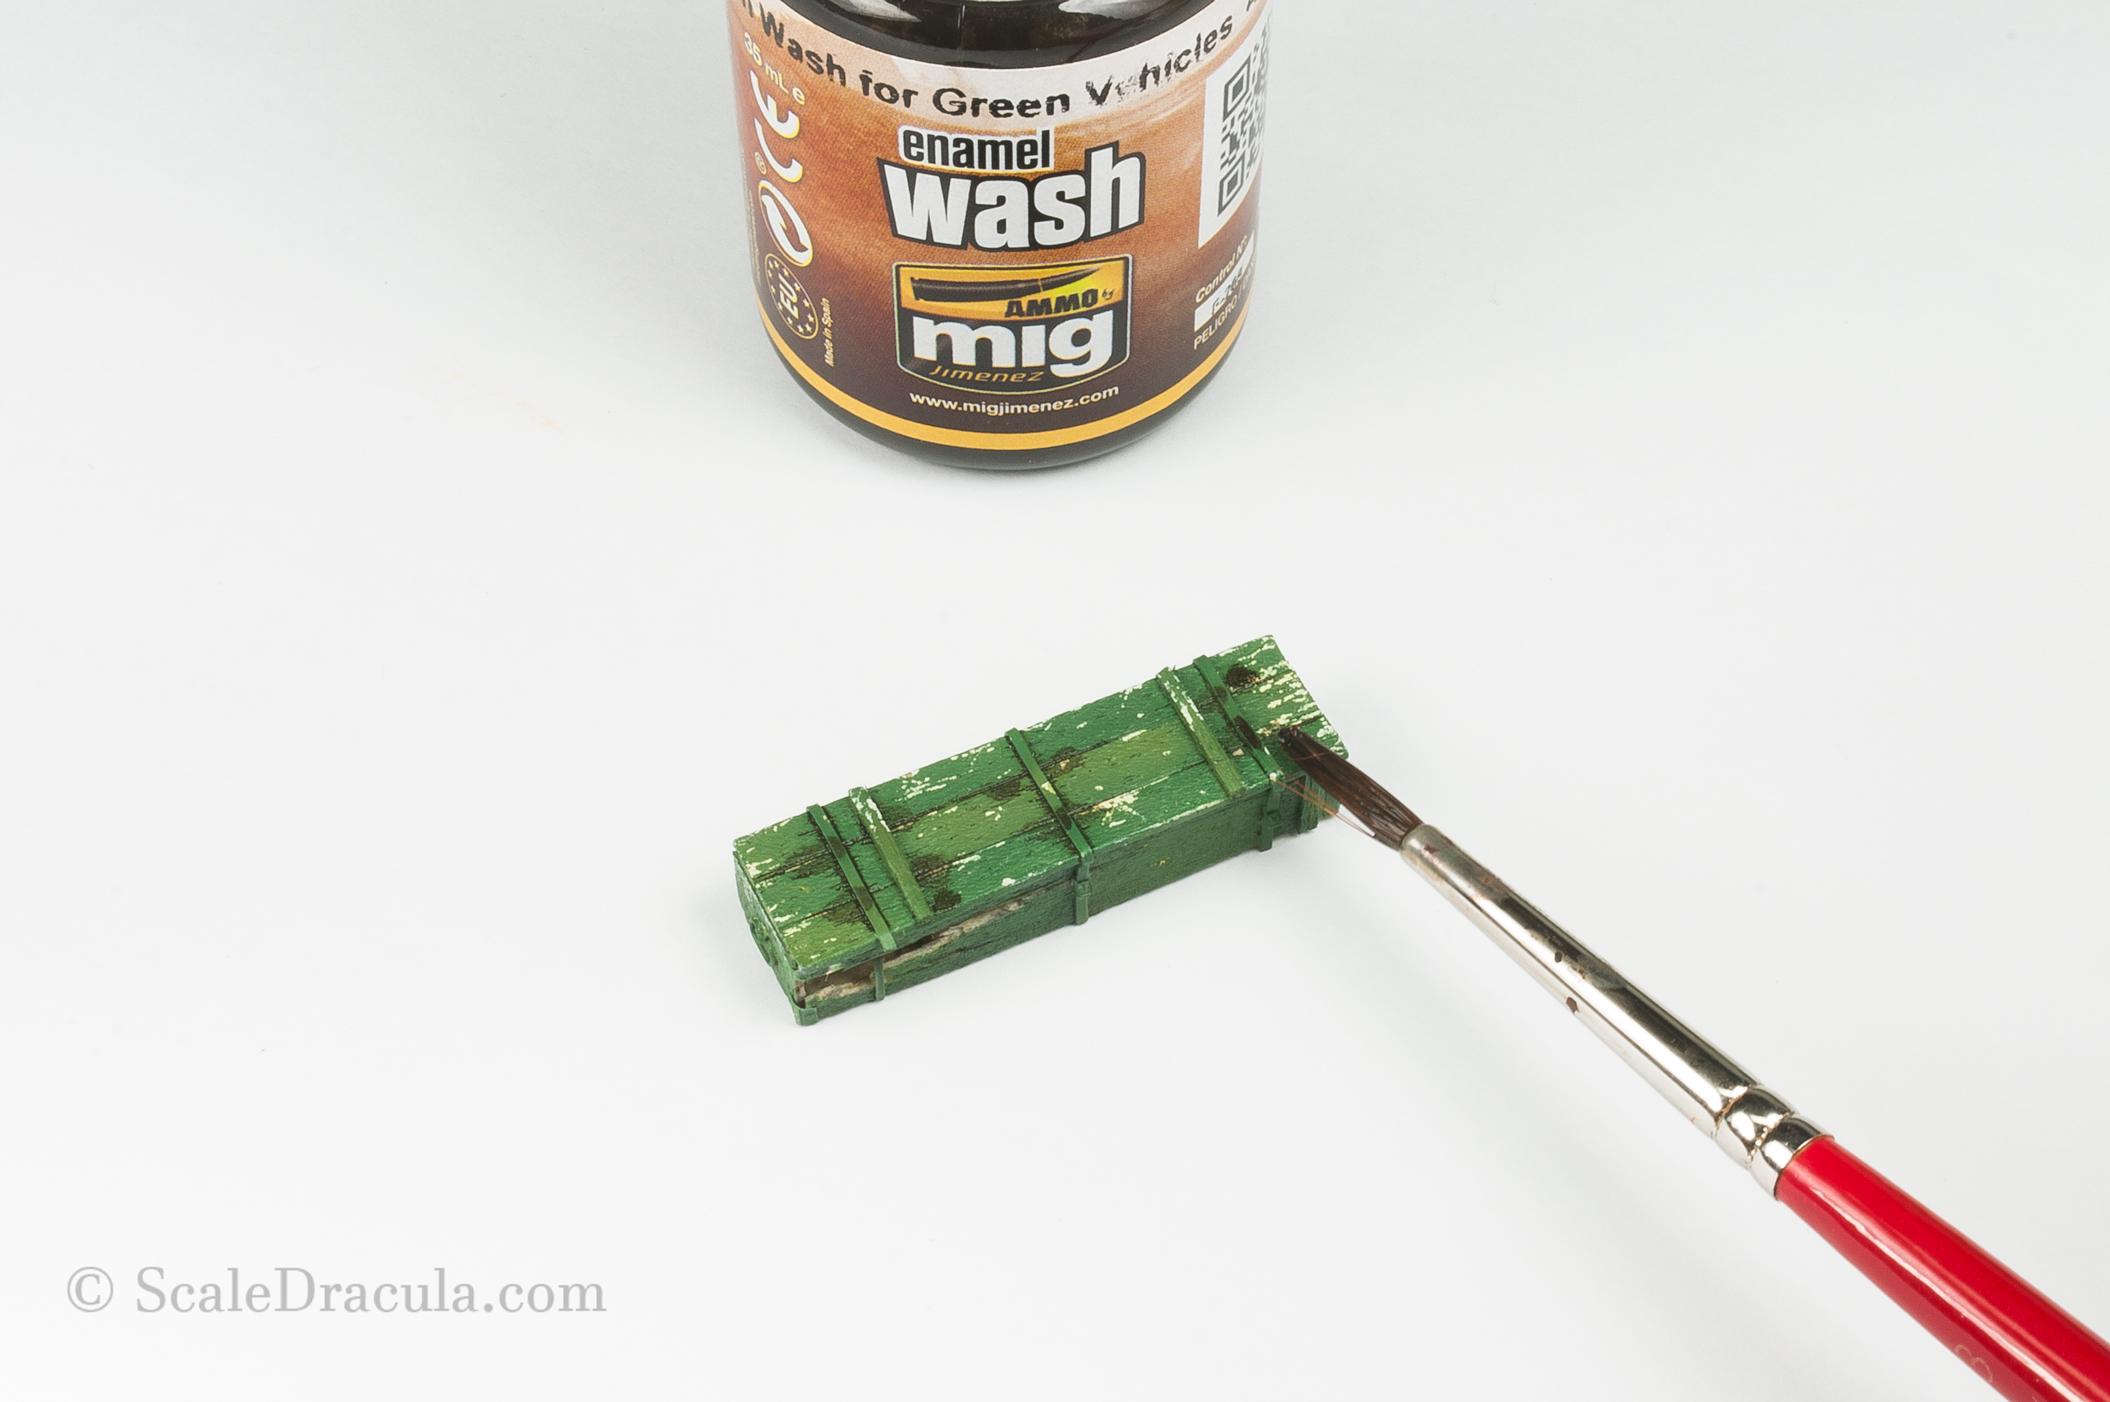 Enamel wash on ammo box, ZSU-57 by TAKOM